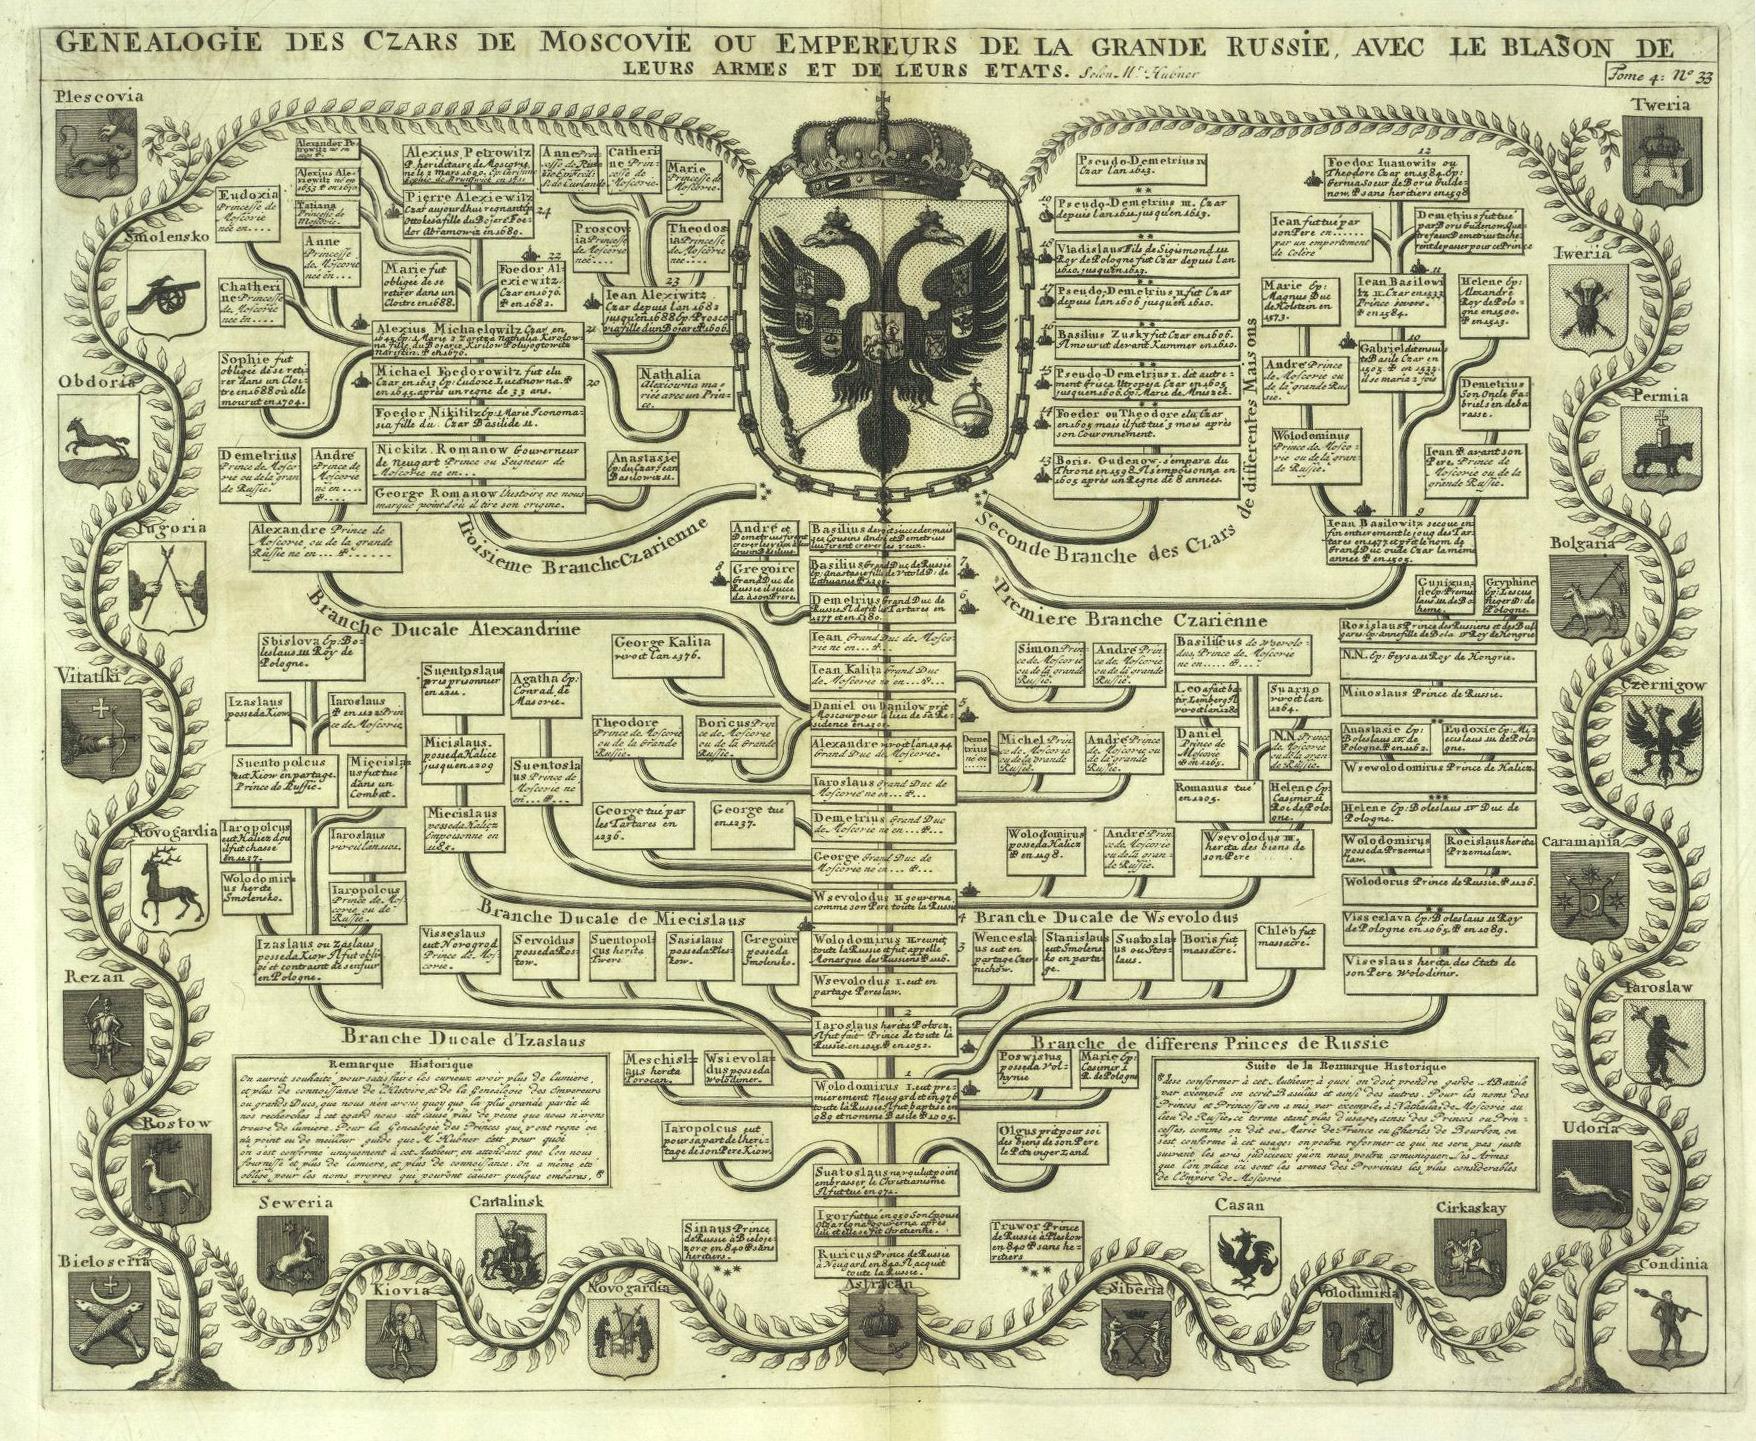 генеалогическая схема алексей михайлович .